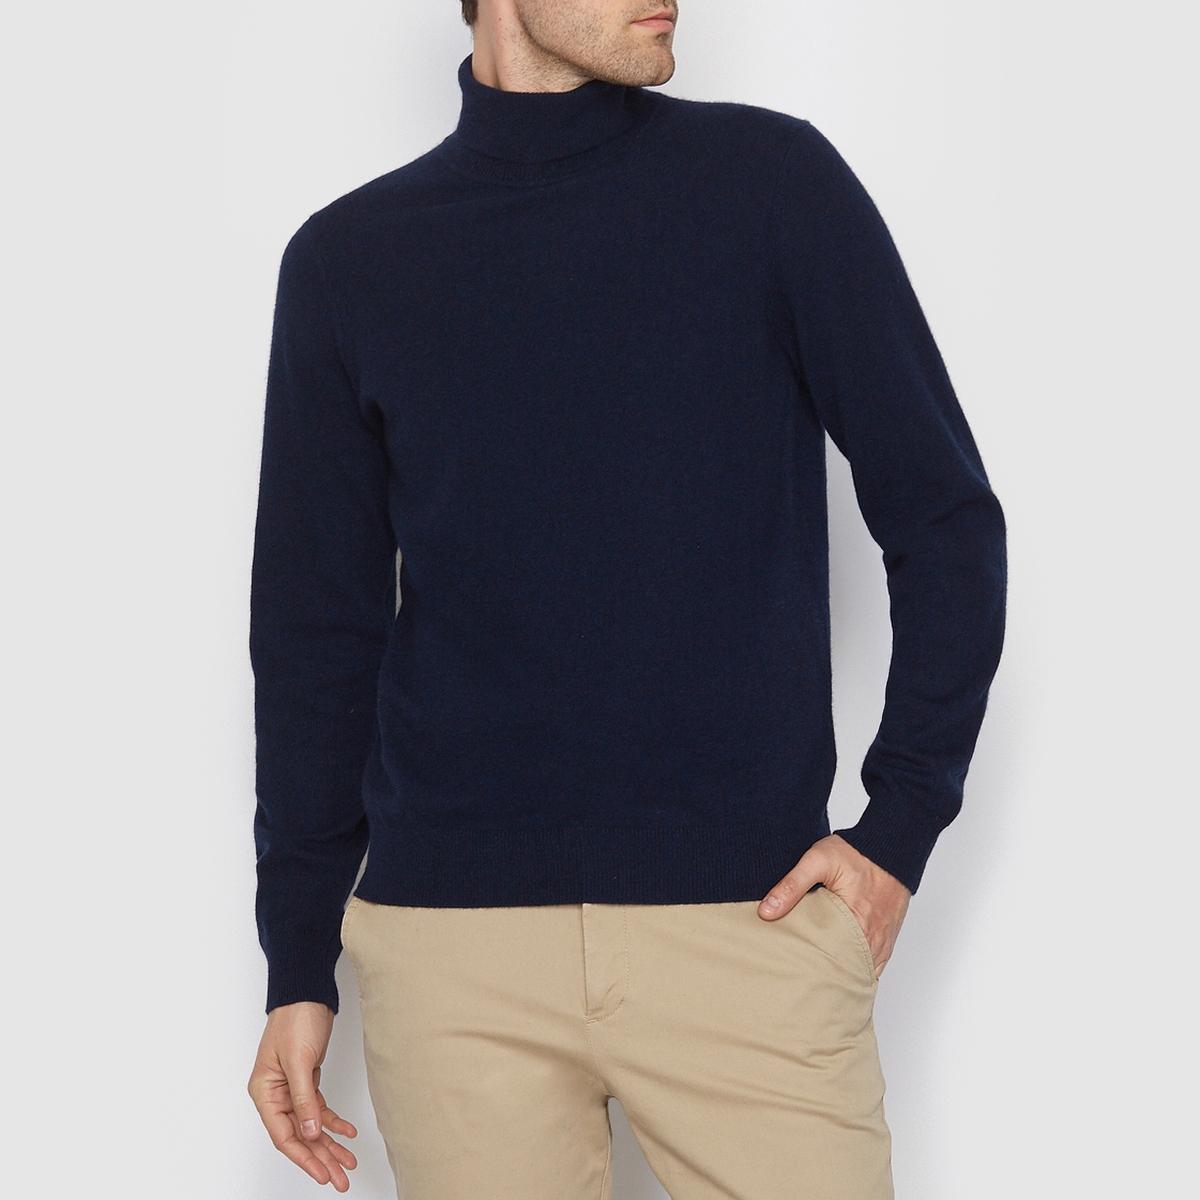 Пуловер с высоким воротником, 100% кашемираСостав и описаниеМатериал: 100% кашемира.Длина: 66 см.Марка: R essentiel.<br><br>Цвет: темно-синий,черный<br>Размер: S